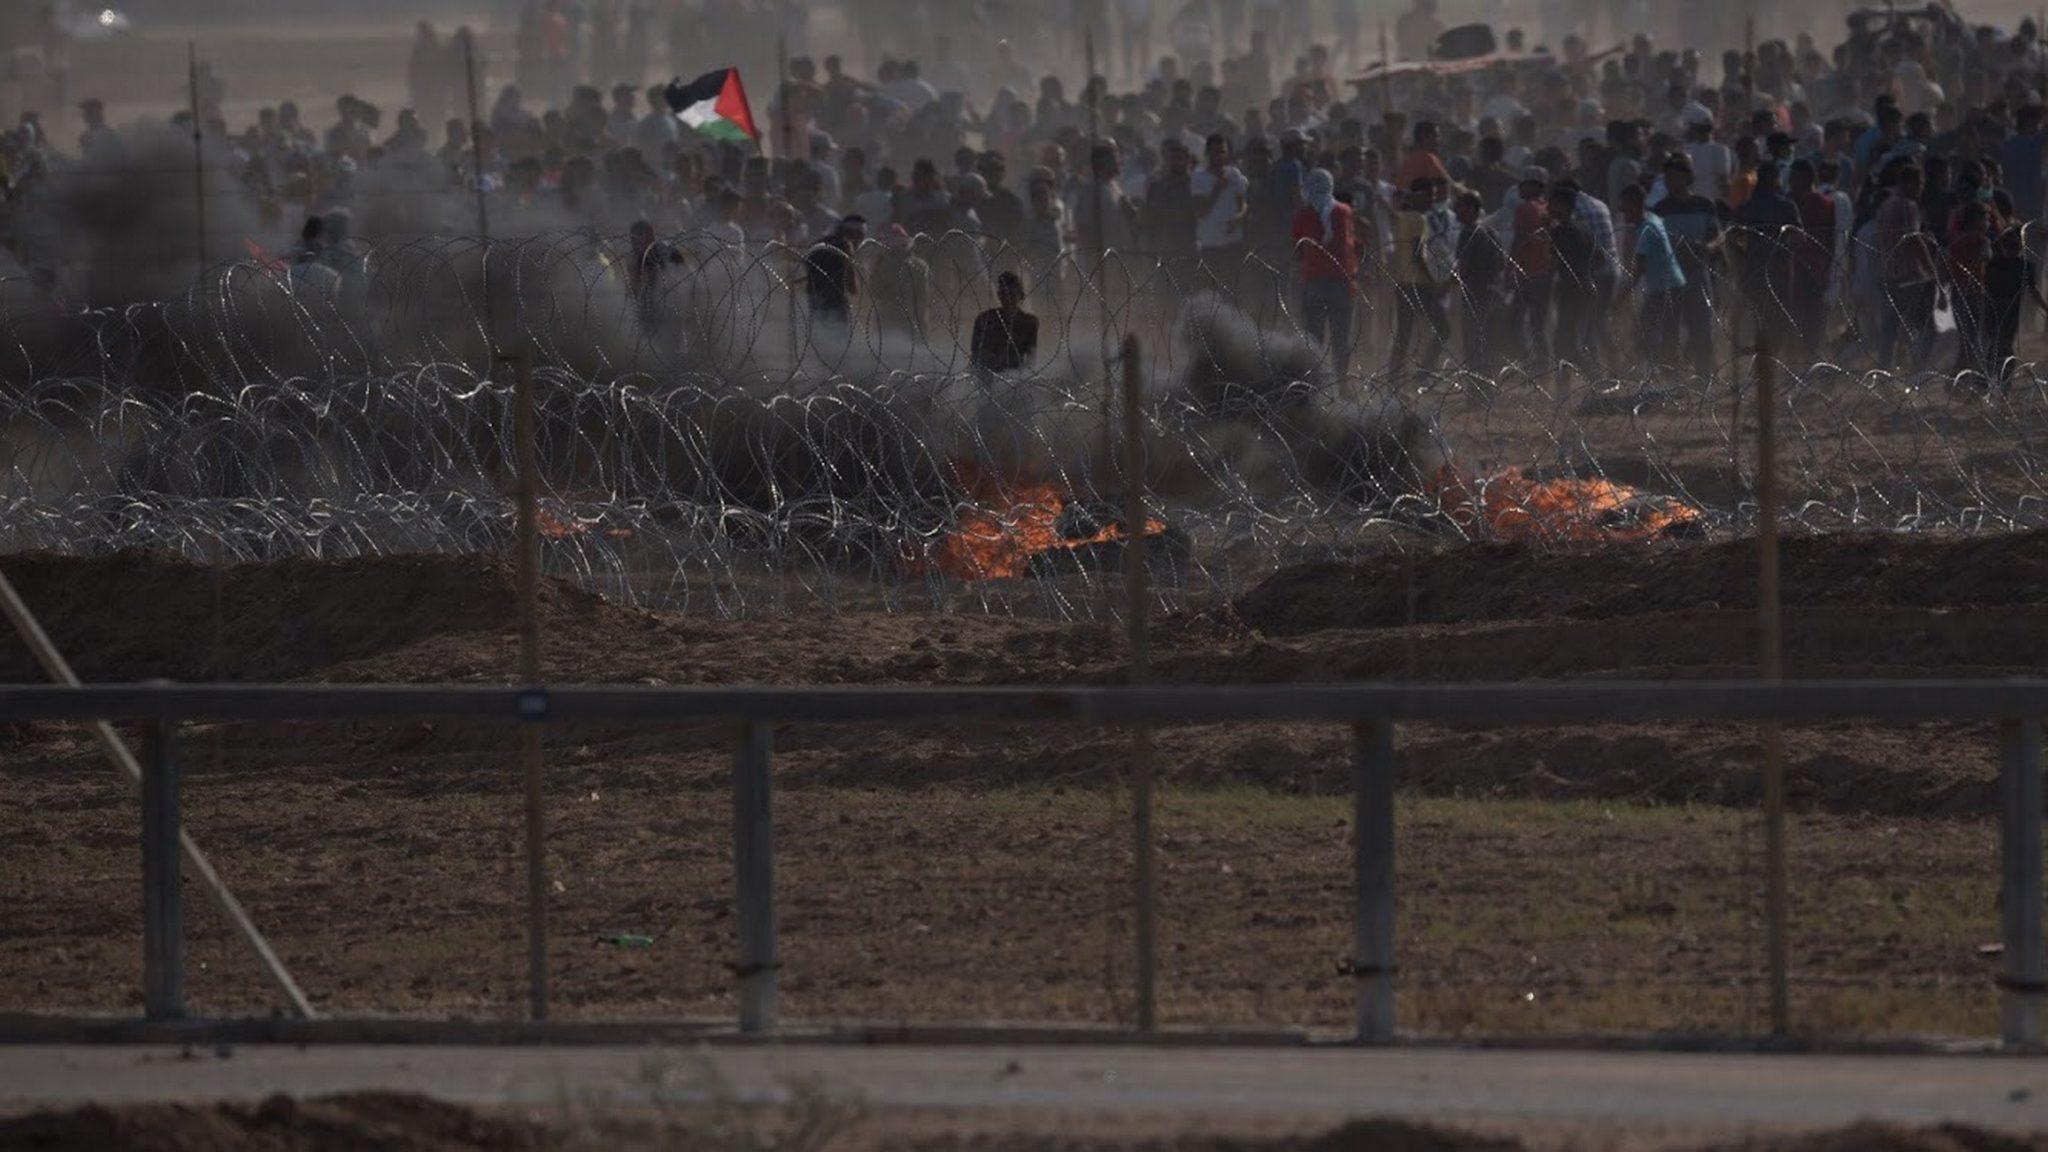 מטענים ורימונים לעבר כוחותינו: לפחות 10,000 משתתפים בהתפרעויות הטרור בגדר הרצועה